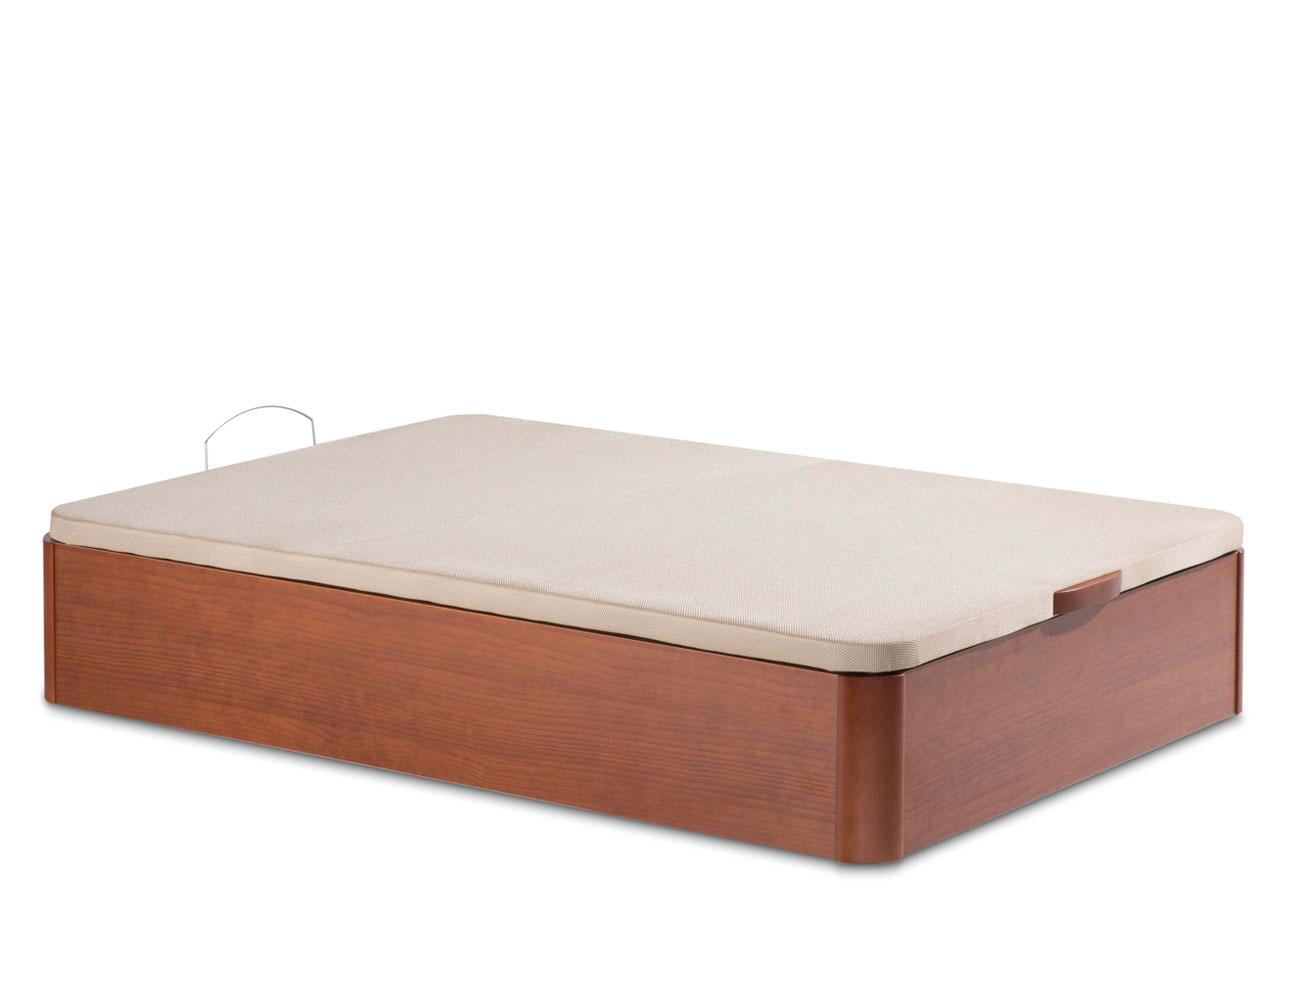 Canape madera base 3d 7314